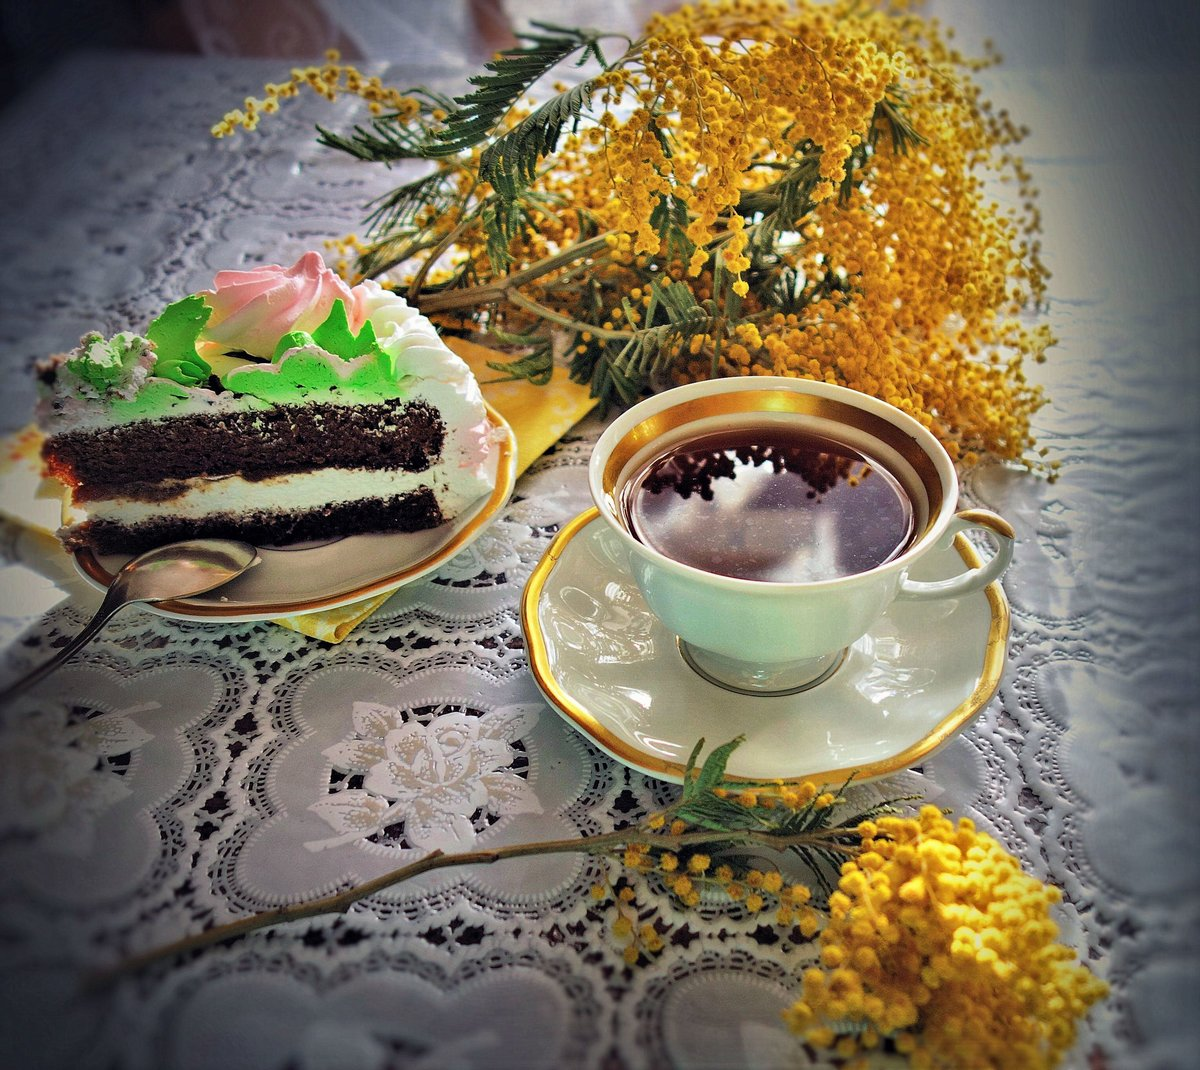 устремлен будущее, открытки с чаем и сладостями книга продолжает